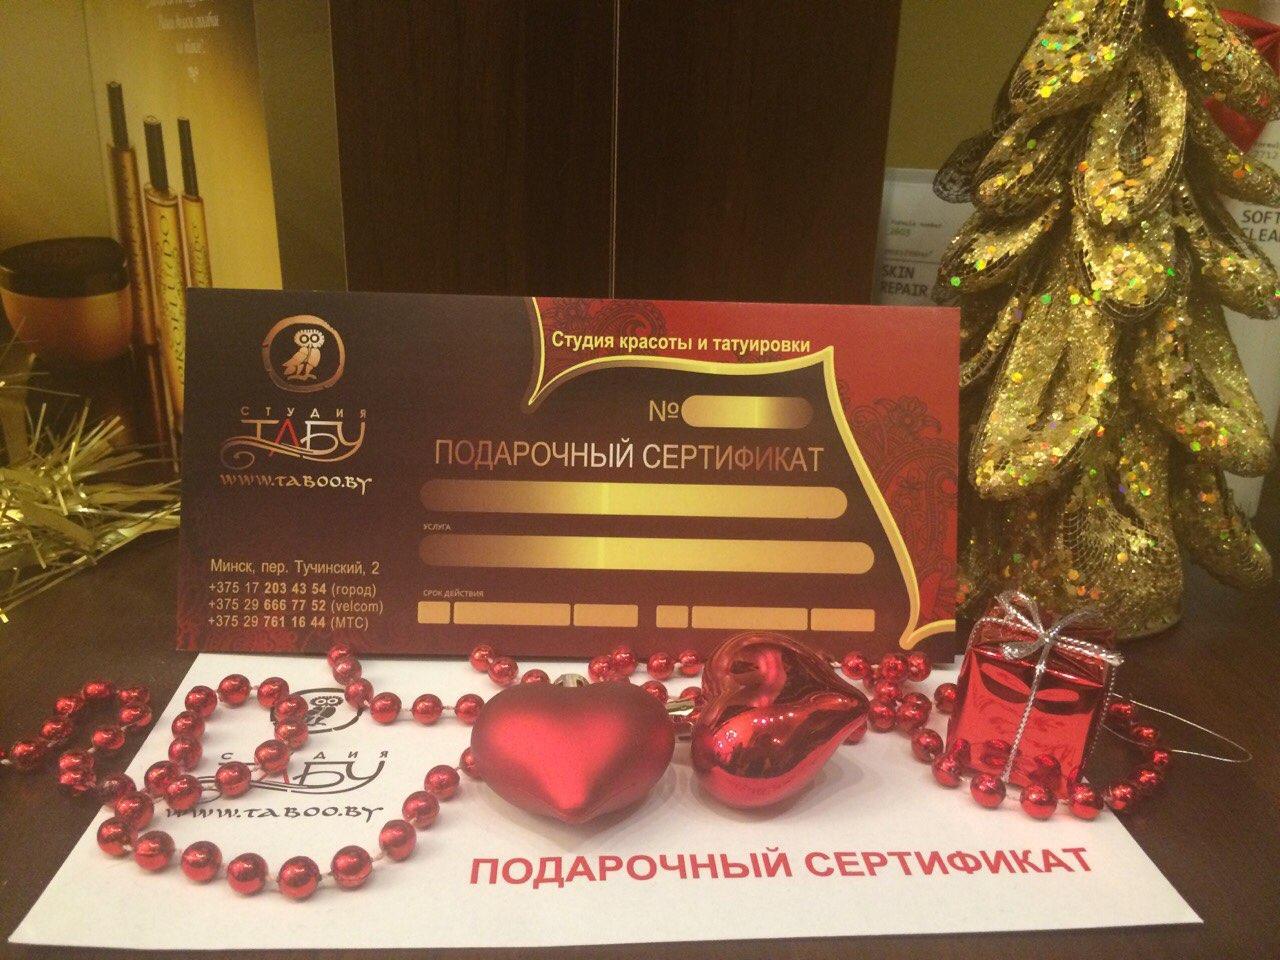 Подарочные сертификаты на художественную татуировку от 25 руб.